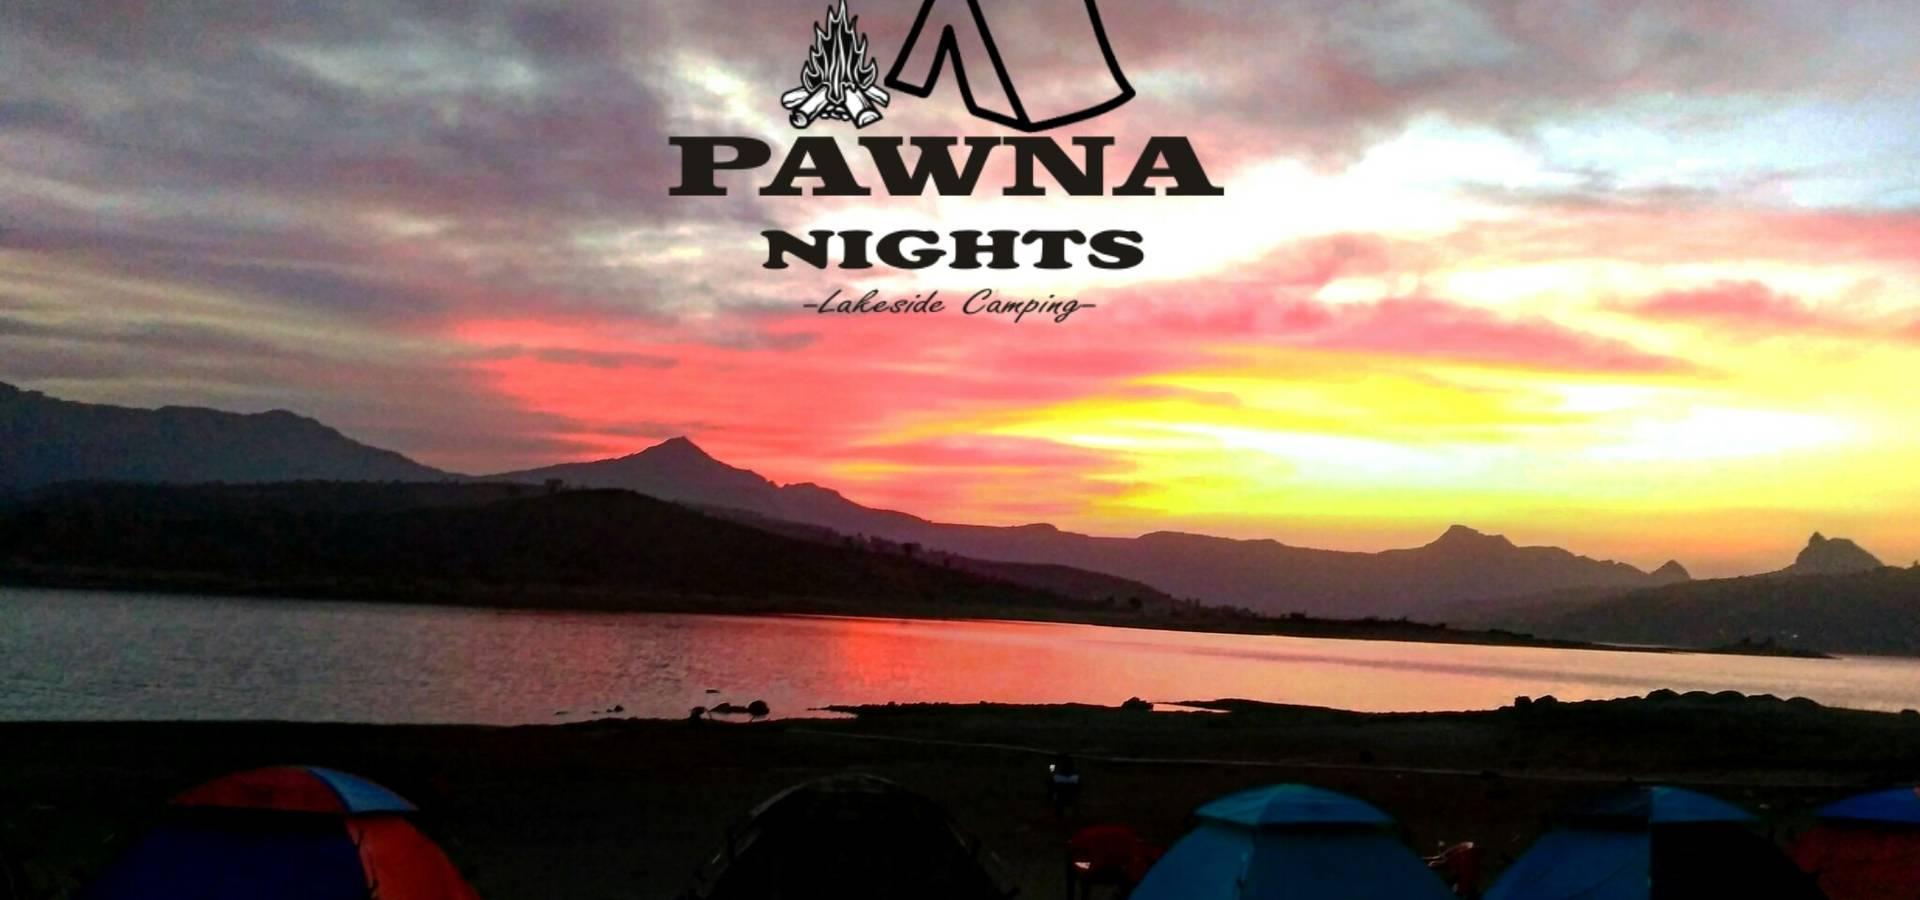 Pawna Lake Camping | Pawna Nights